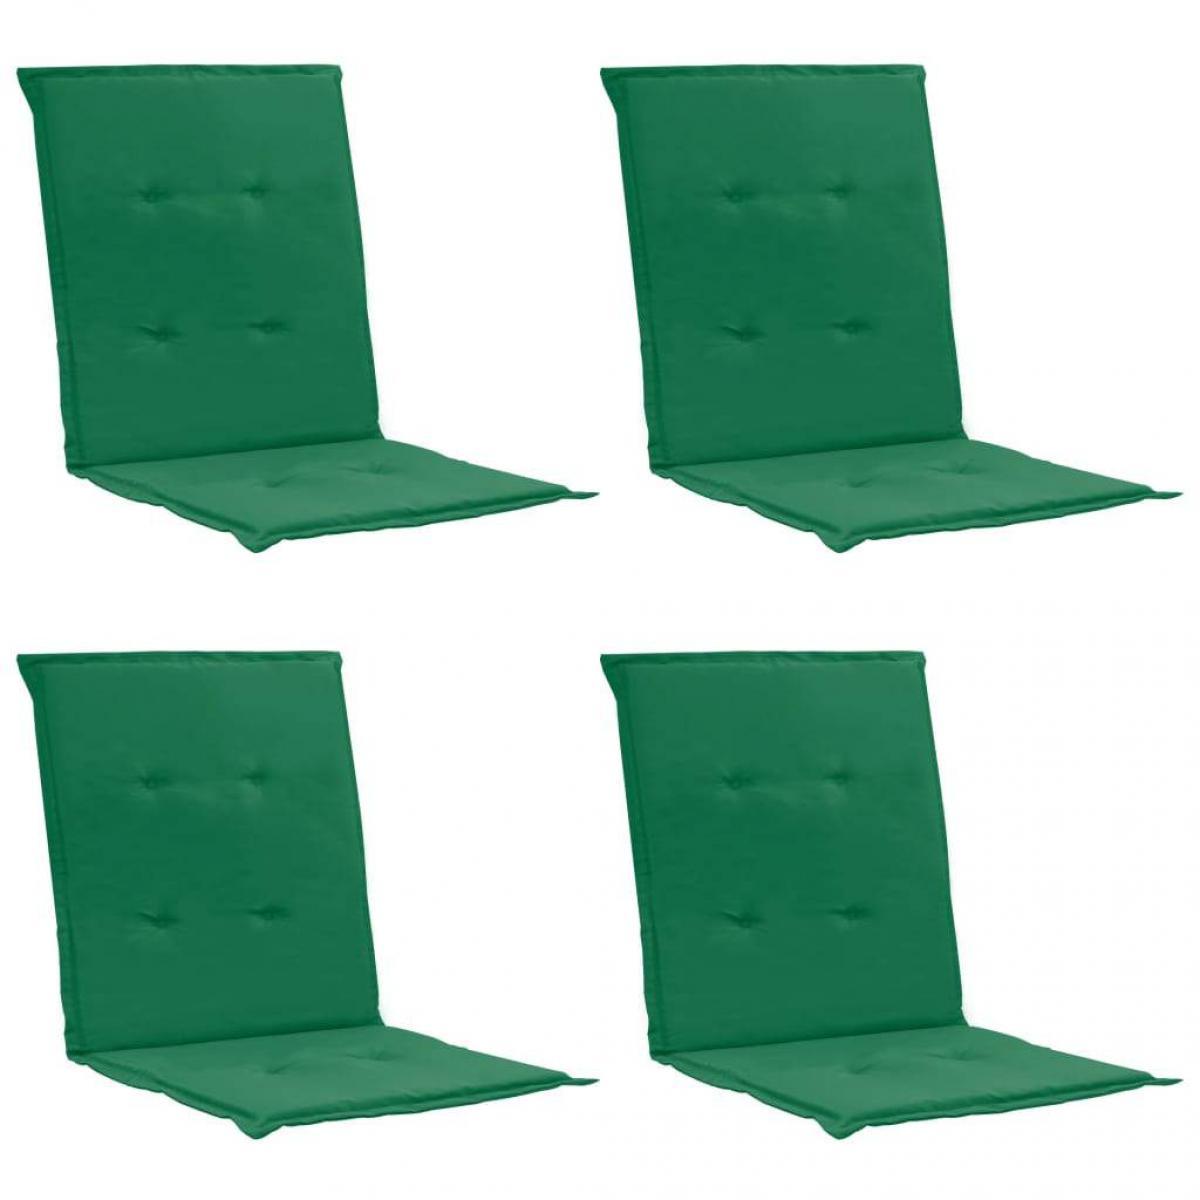 Decoshop26 lot de 4 coussins de chaise de jardin 100% polyester imperméable vert 100 x 50 x 3 cm DEC021685